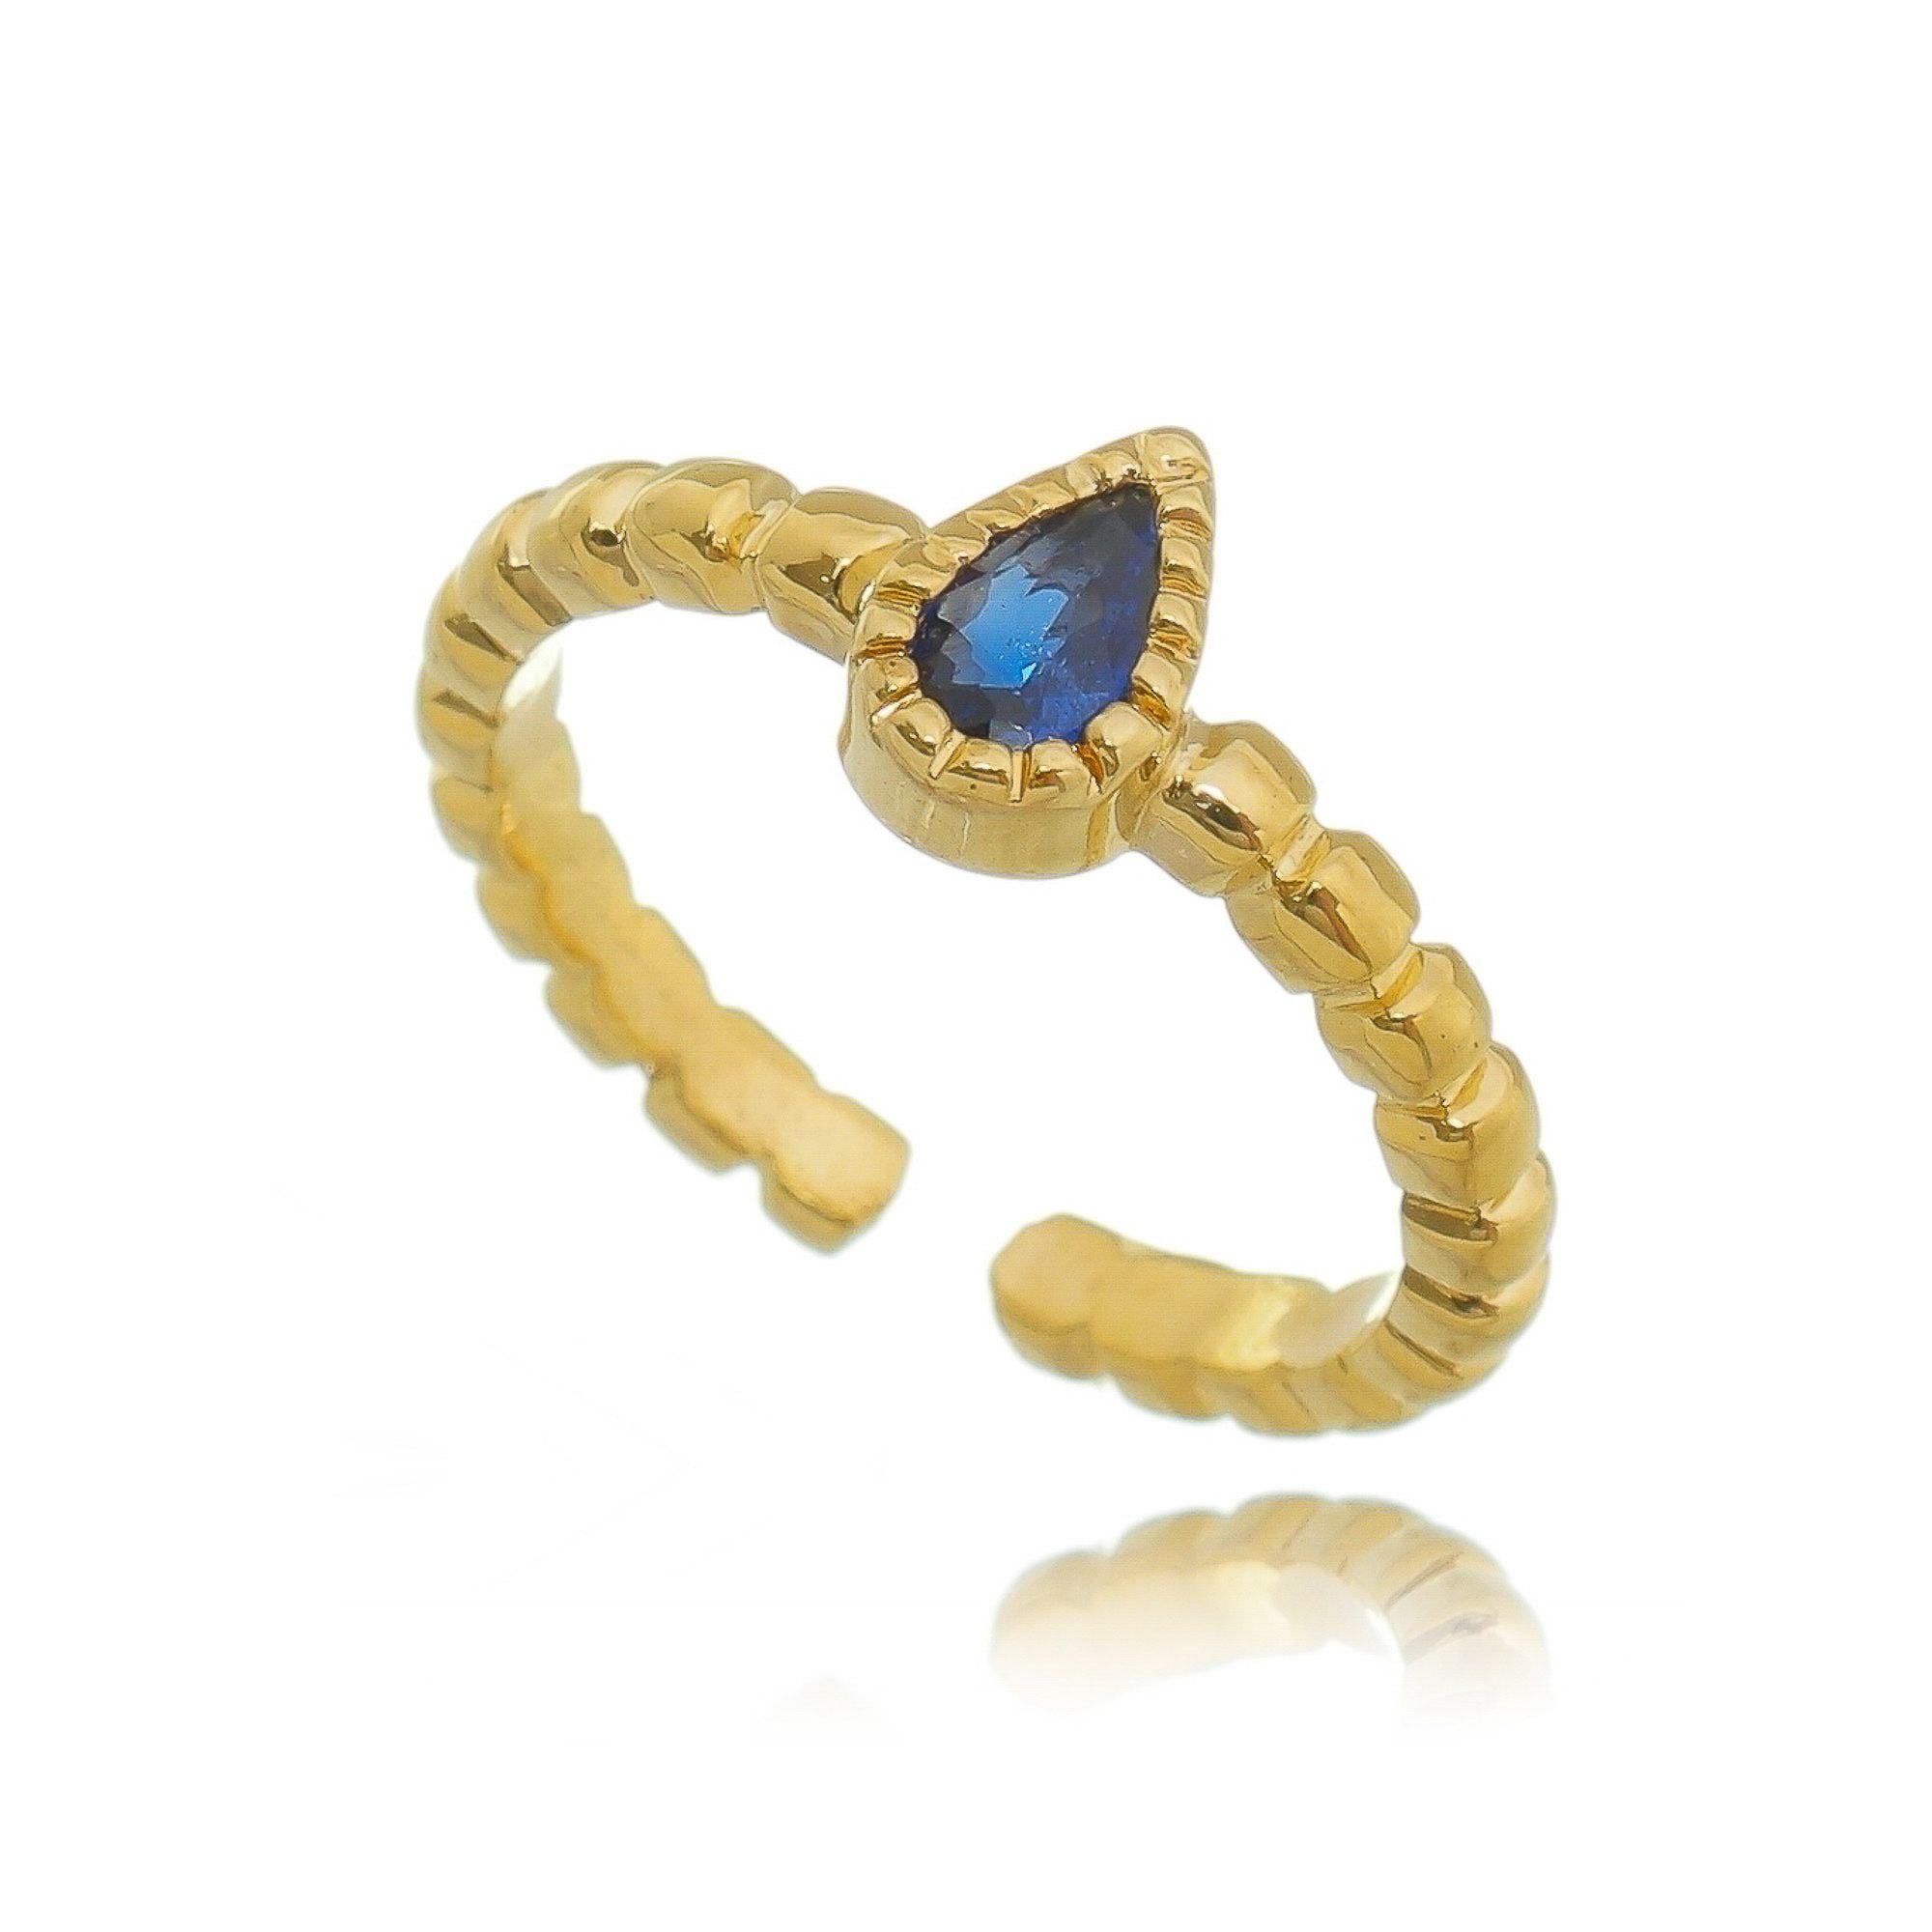 Anel Falange Regulável Gota de Cristal Azul Safira Semijoia em Ouro 18K  - Soloyou